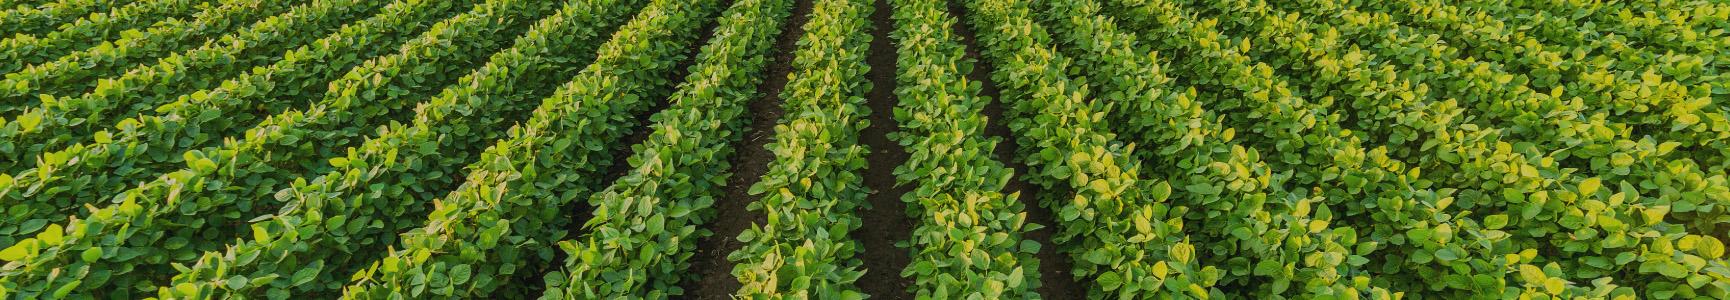 Field of green crops